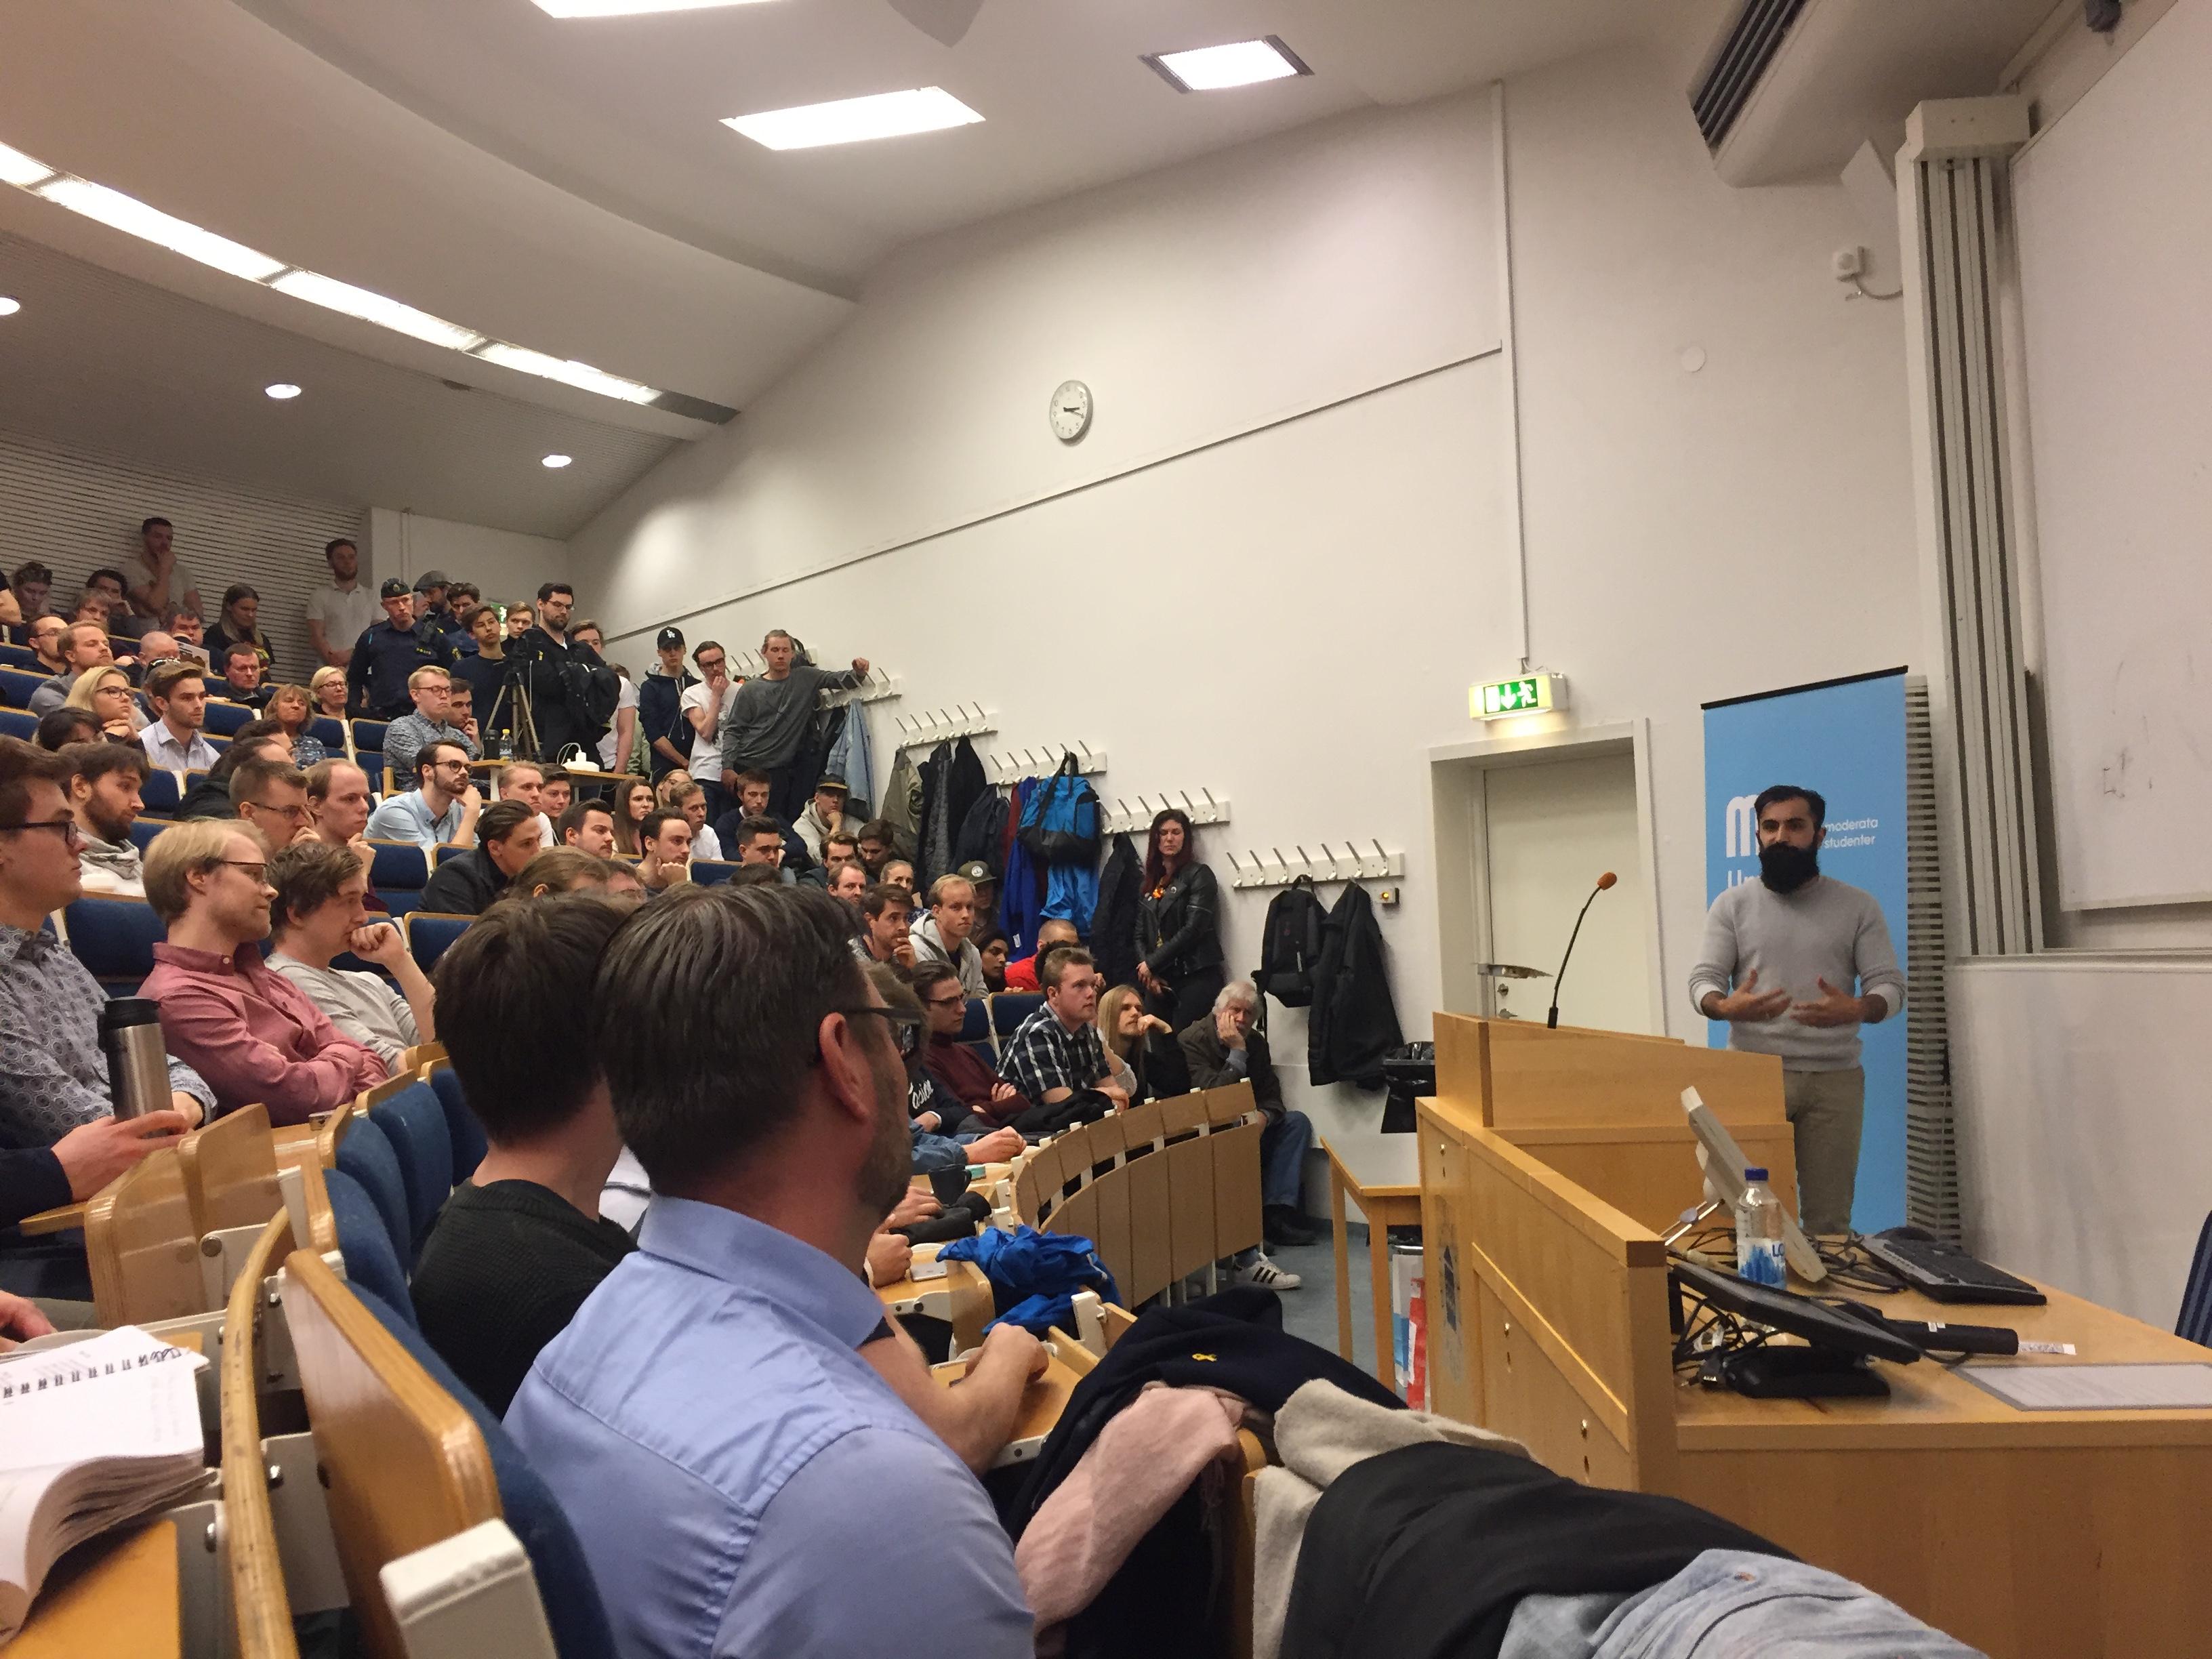 Hanif Bali (M): Anledningen till att invandrare inte får jobb är inte att Sverige är rasistiskt